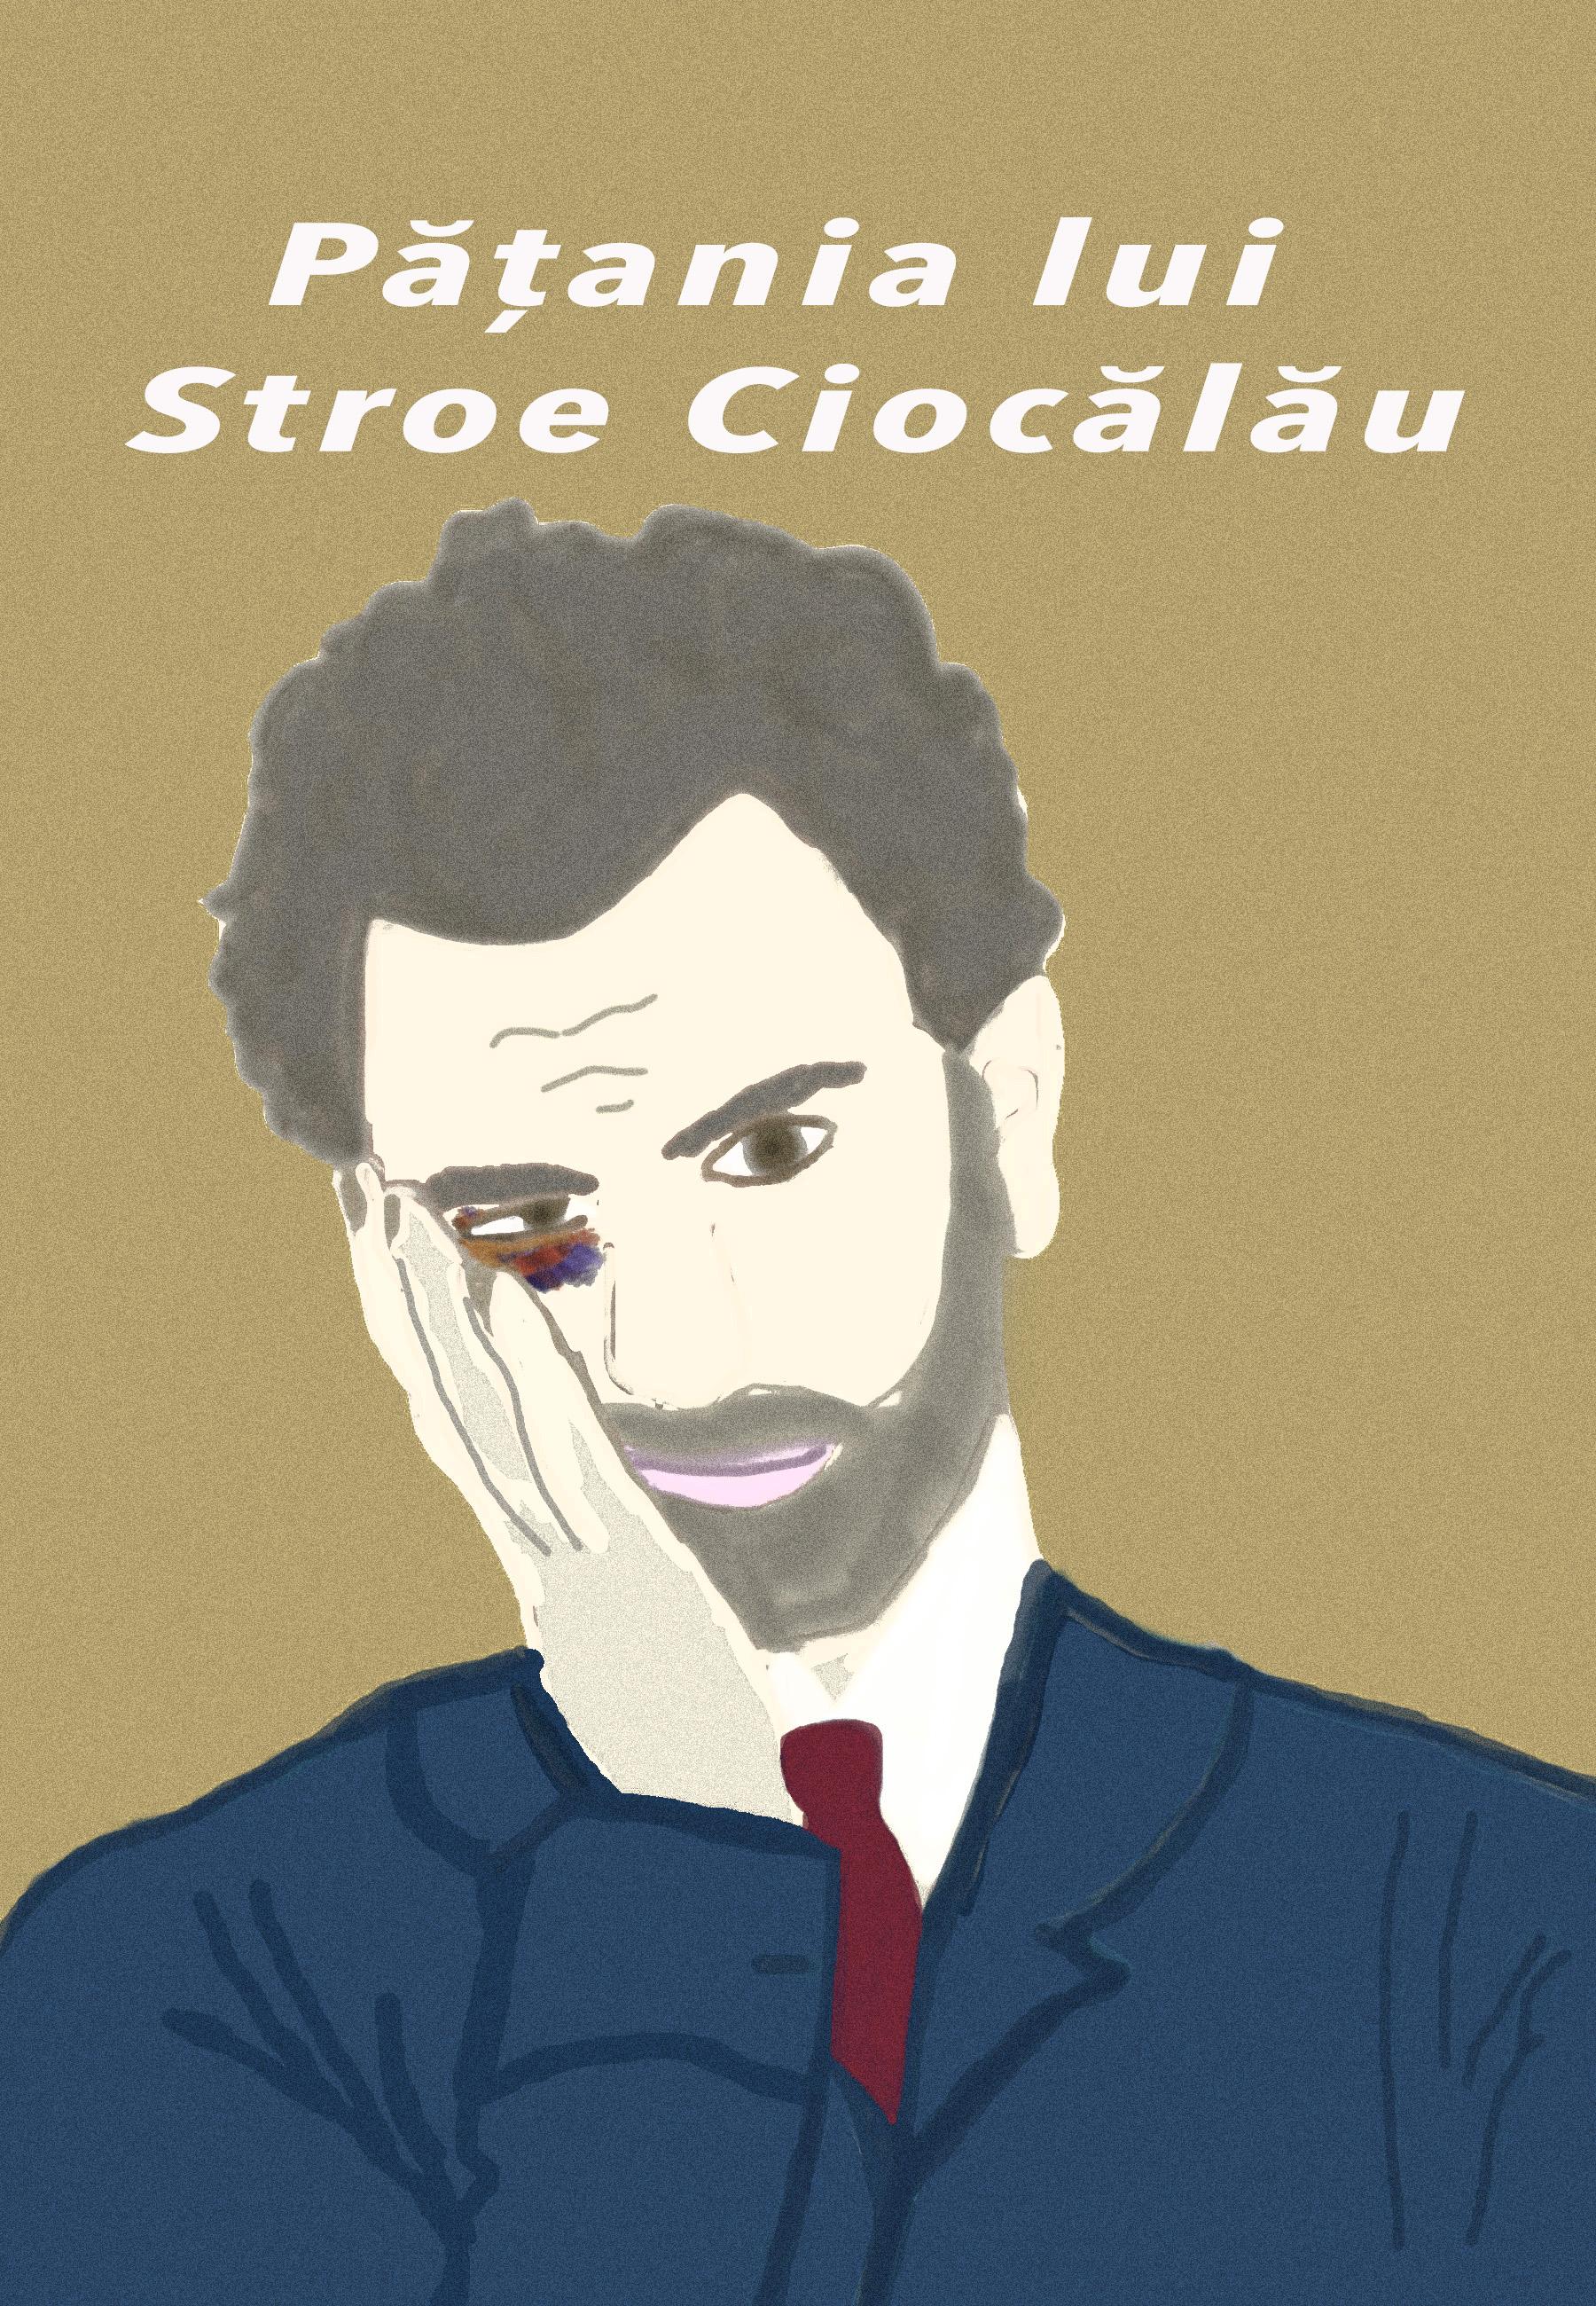 Ciocalau